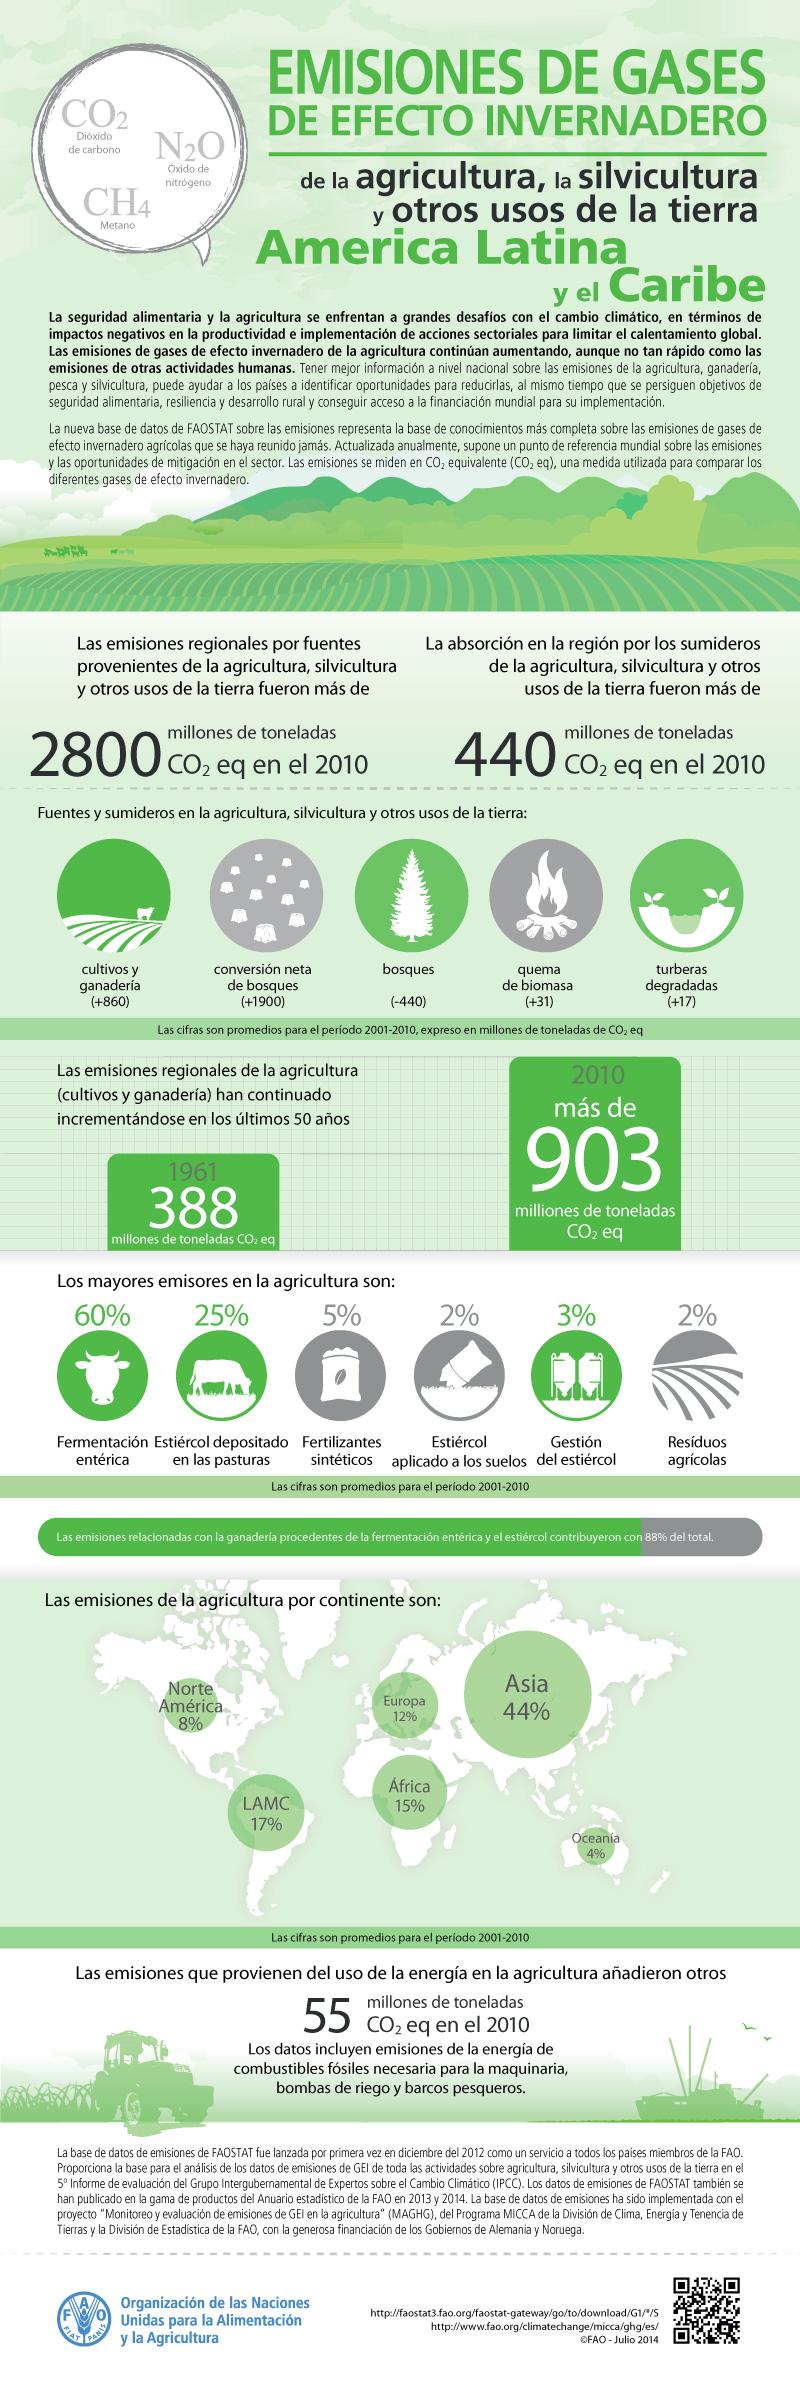 Infografia cambio climatico FAO emisiones de GEI agricultura y usos del suelo